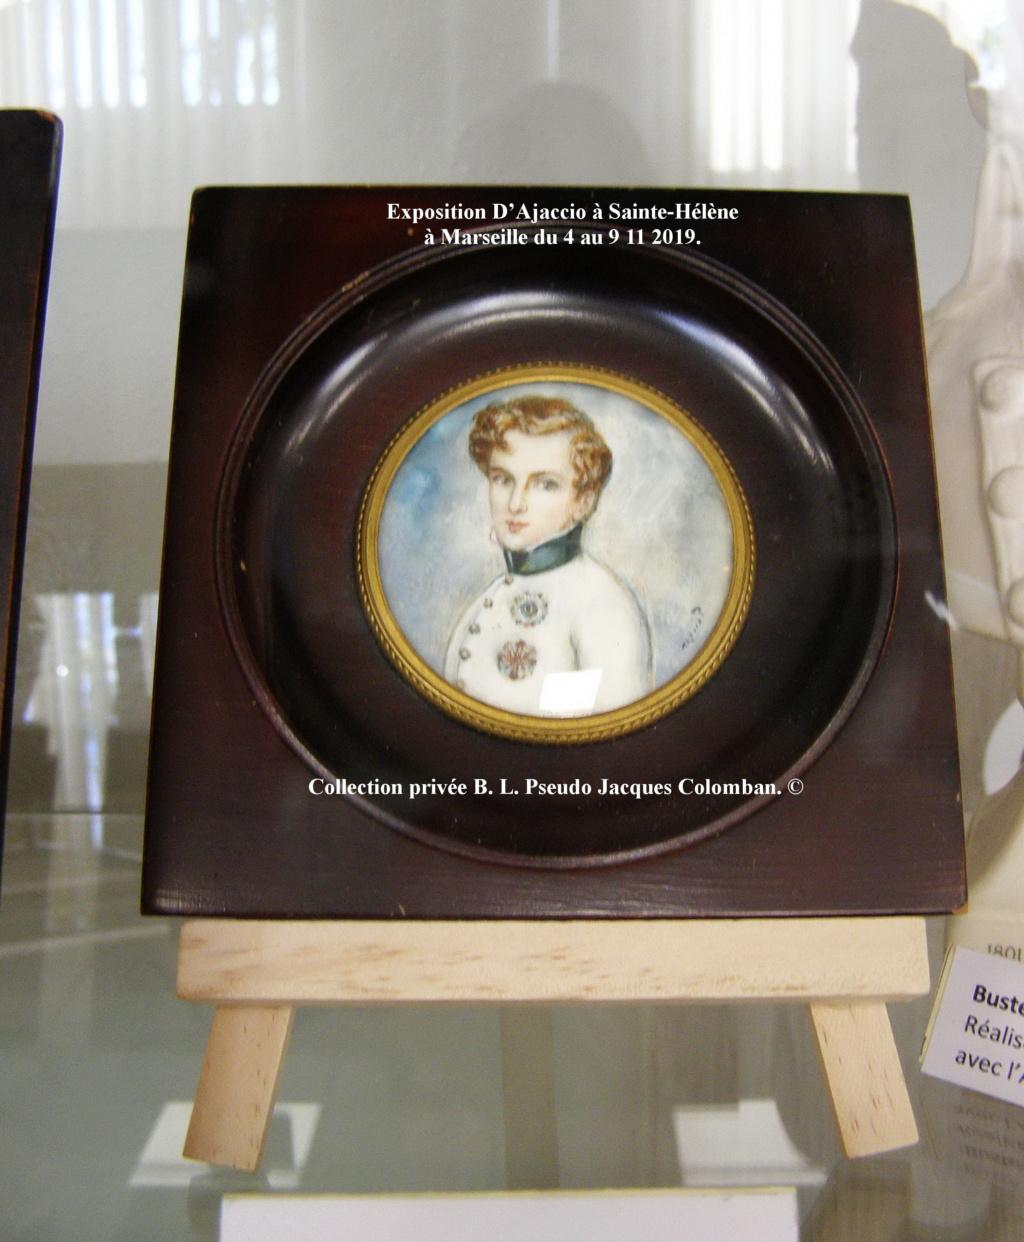 Exposition D'Ajaccio à Sainte-Hélène à Marseille. 2810